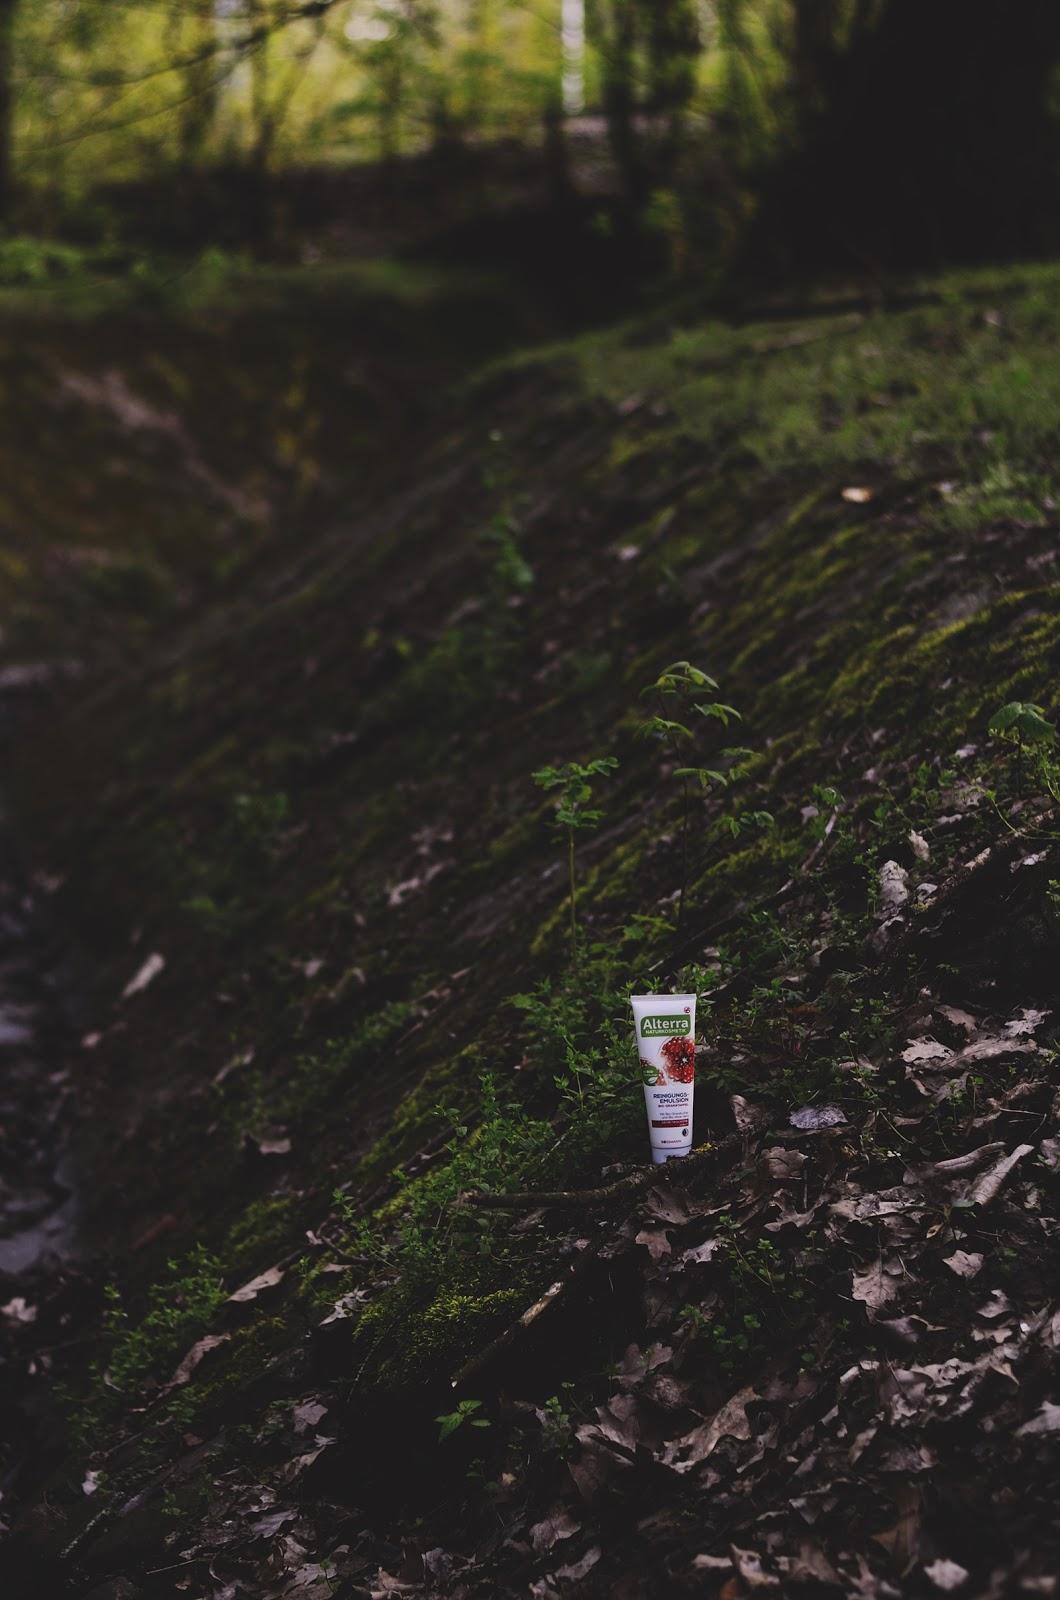 Łagodne oczyszczenie w rozsądnej cenie | Alterra, Reinigungs - Emulsion Bio - Granatapfel (Emulsja oczyszczająca z granatem)